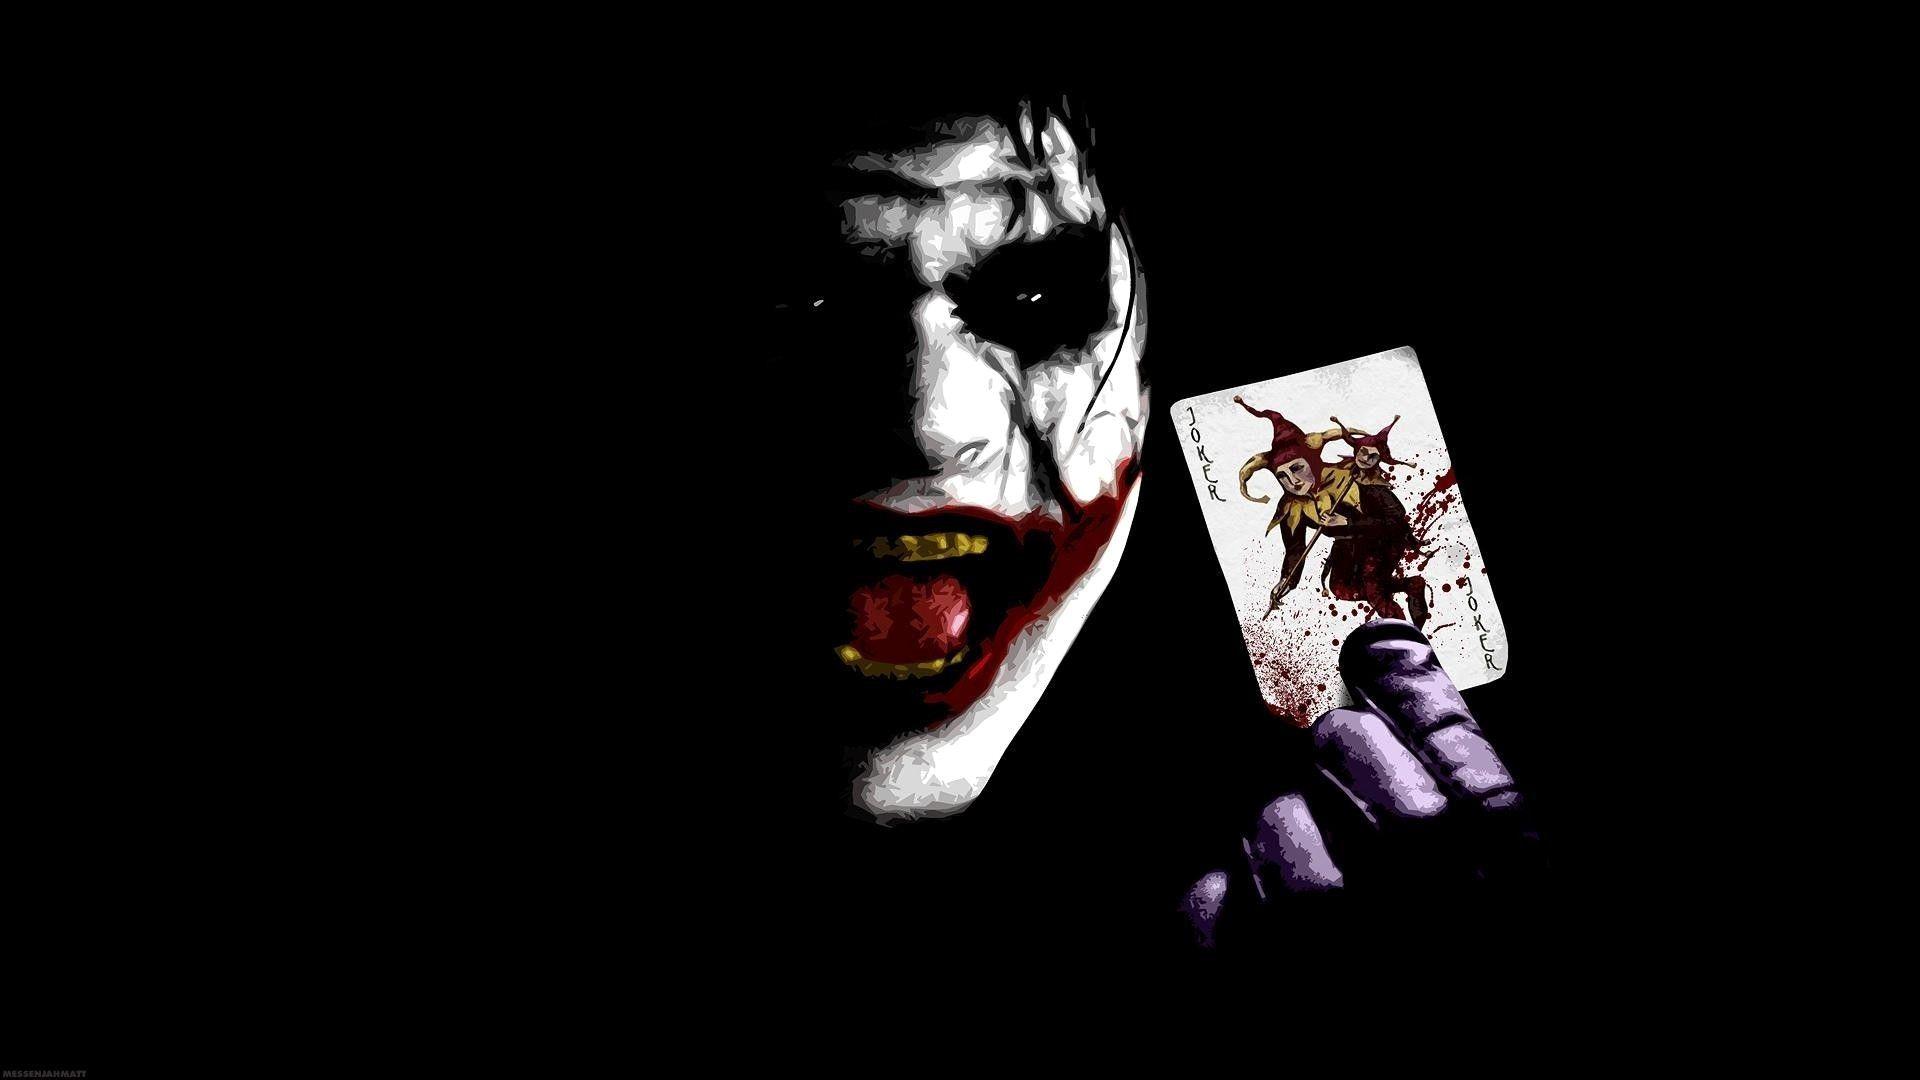 Lovely Awesome Wallpapers Joker Card Joker Wallpapers Joker Hd Wallpaper Batman Joker Wallpaper